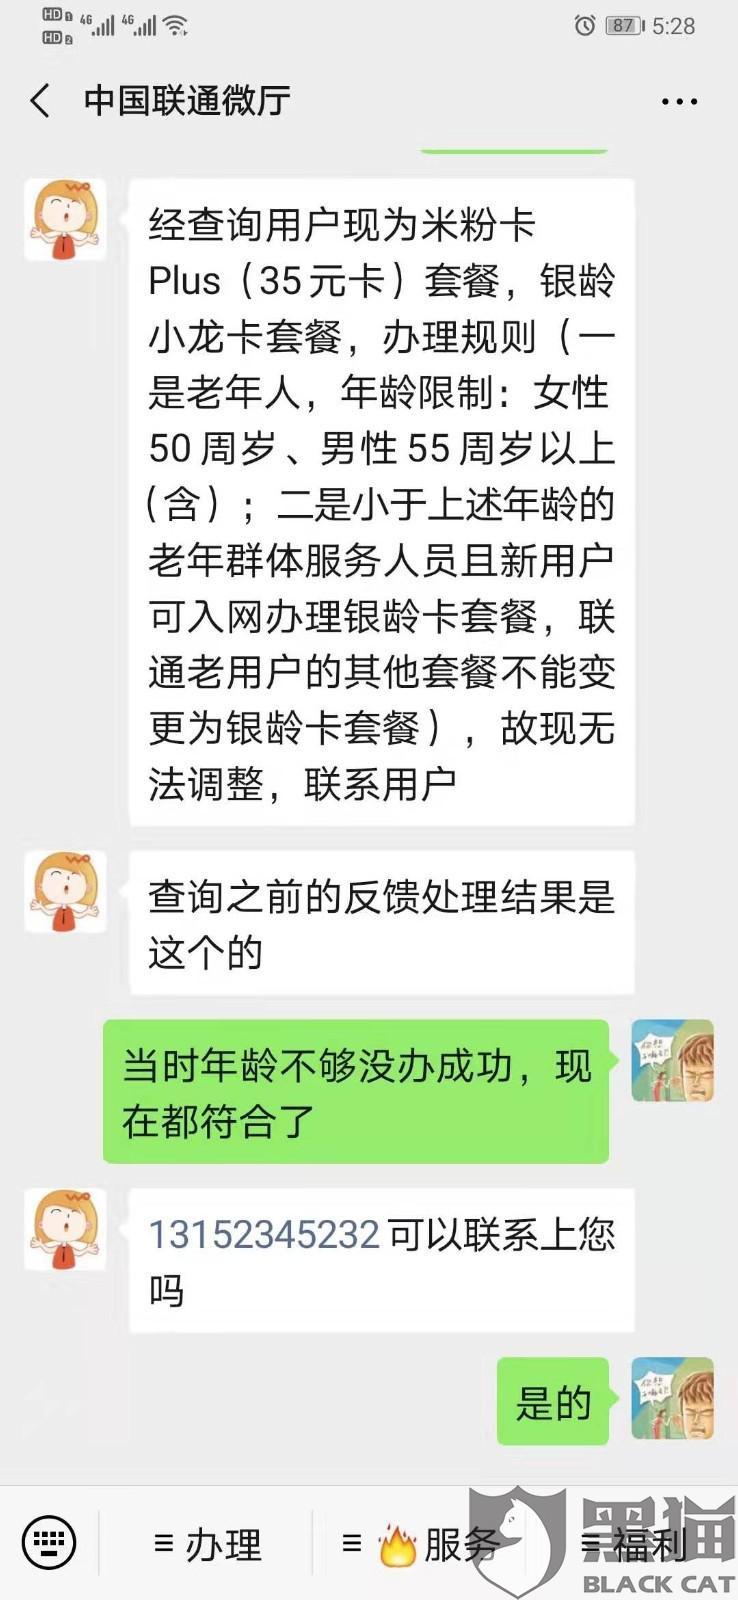 黑猫投诉:陕西咸阳联通分公司违规拒绝用户选择资费套餐